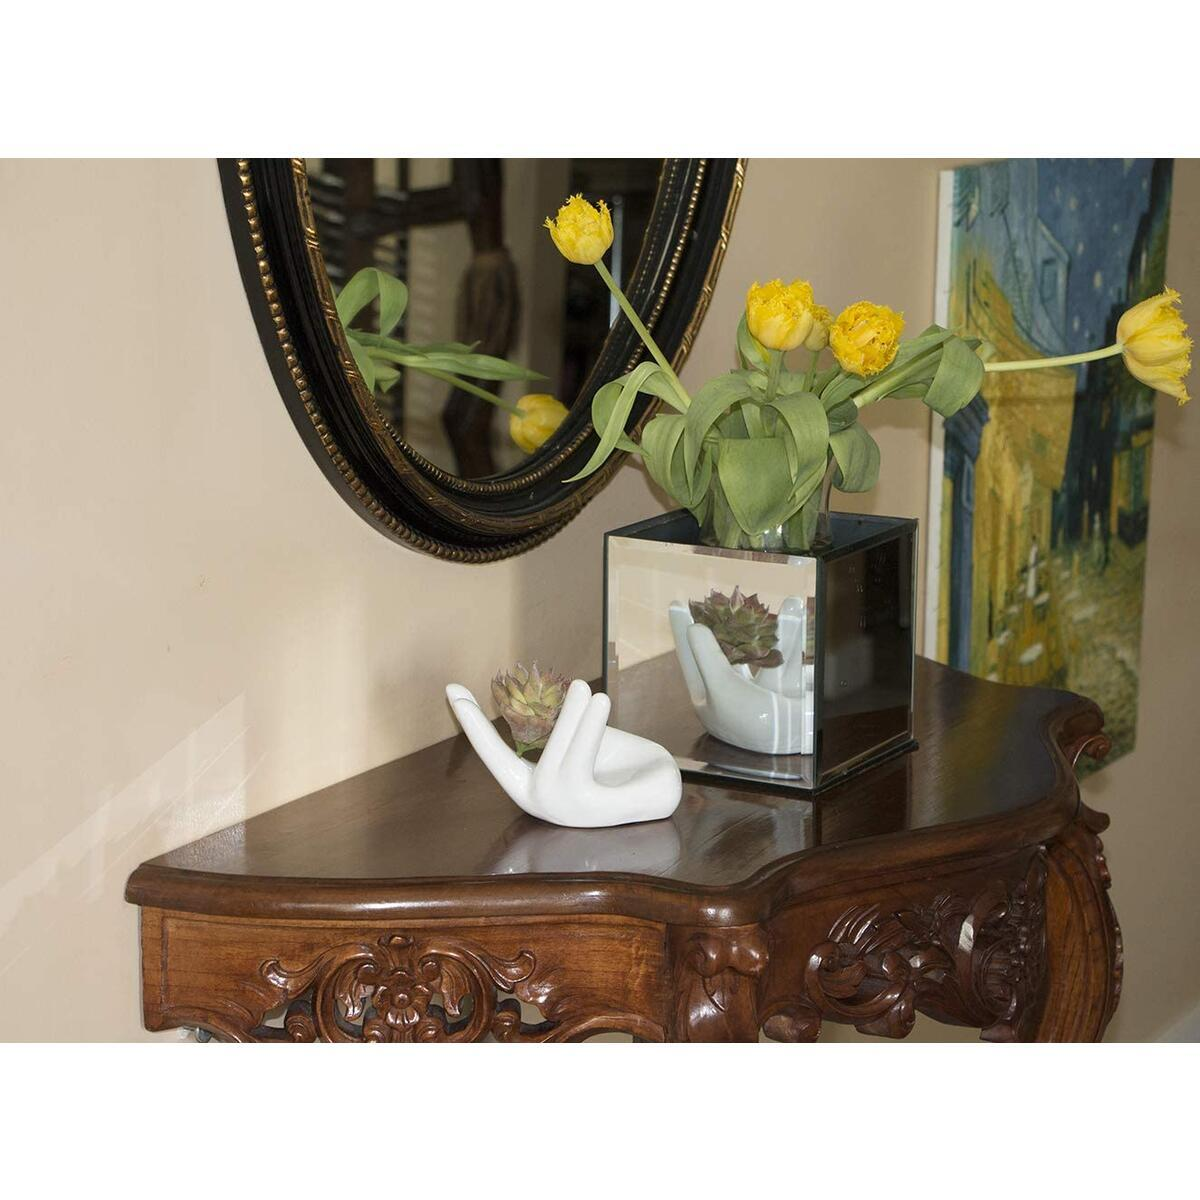 Versatile Ceramic AirSucculent/Ocarina Holder with 5 Fake Succulents in One Amazing Set